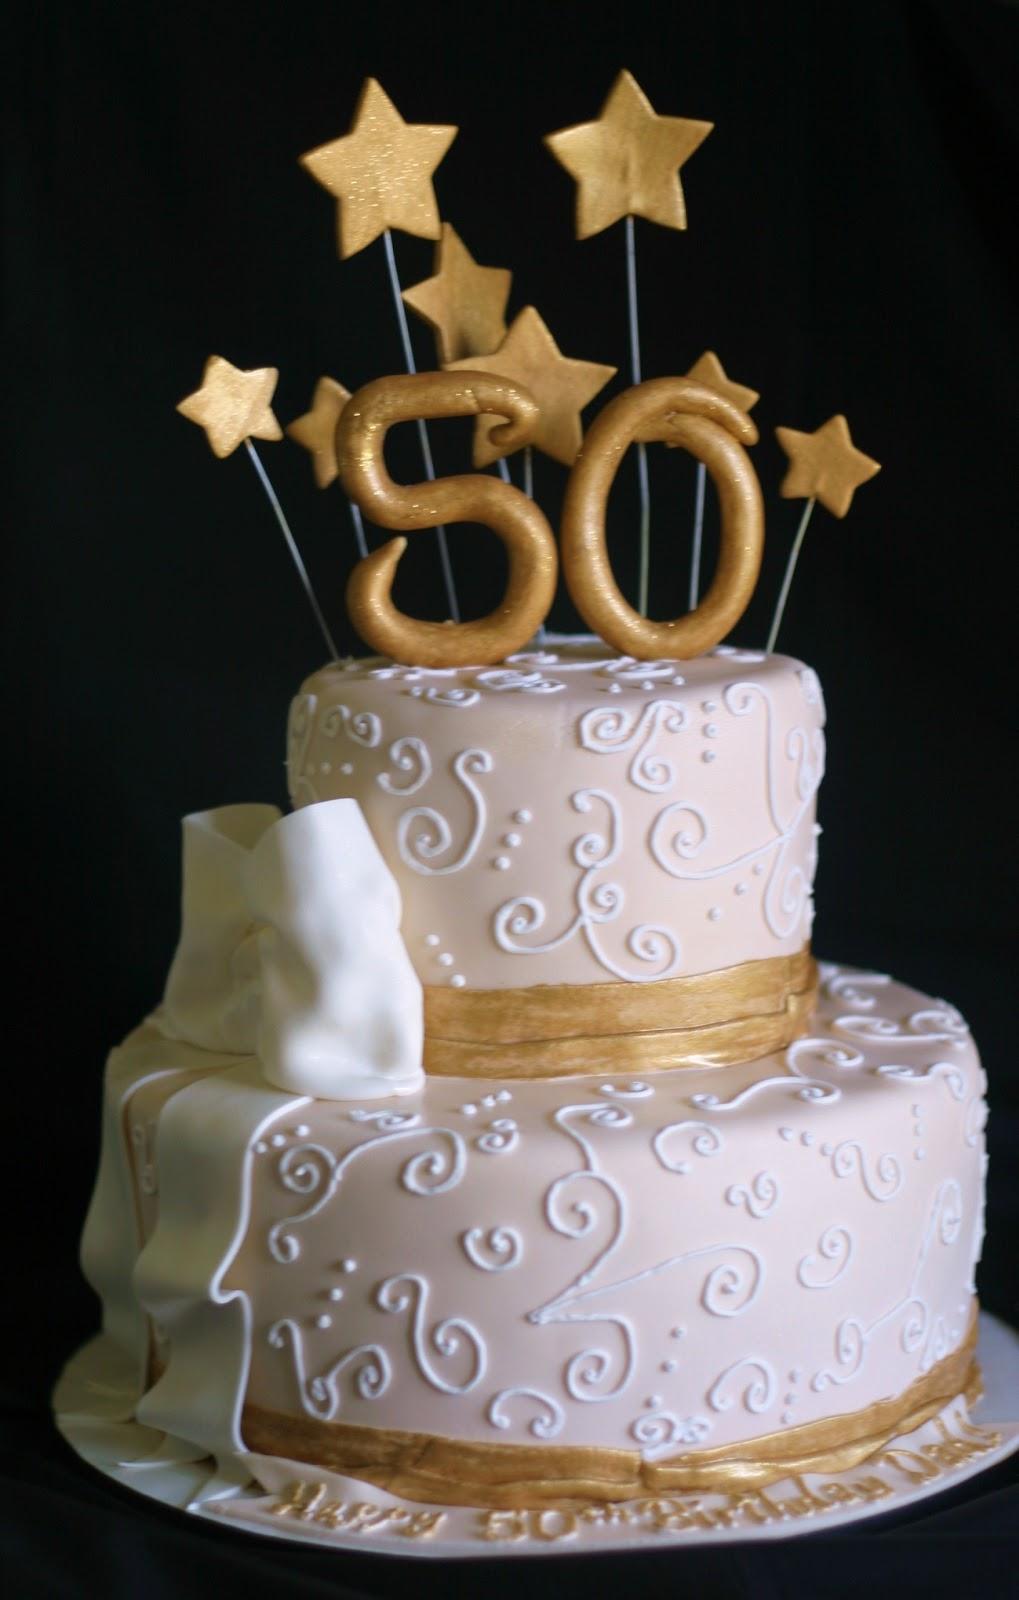 Phenomenal 6 5Oth Birthday Cakes For Women Photo 50Th Birthday Cake Ideas Personalised Birthday Cards Paralily Jamesorg